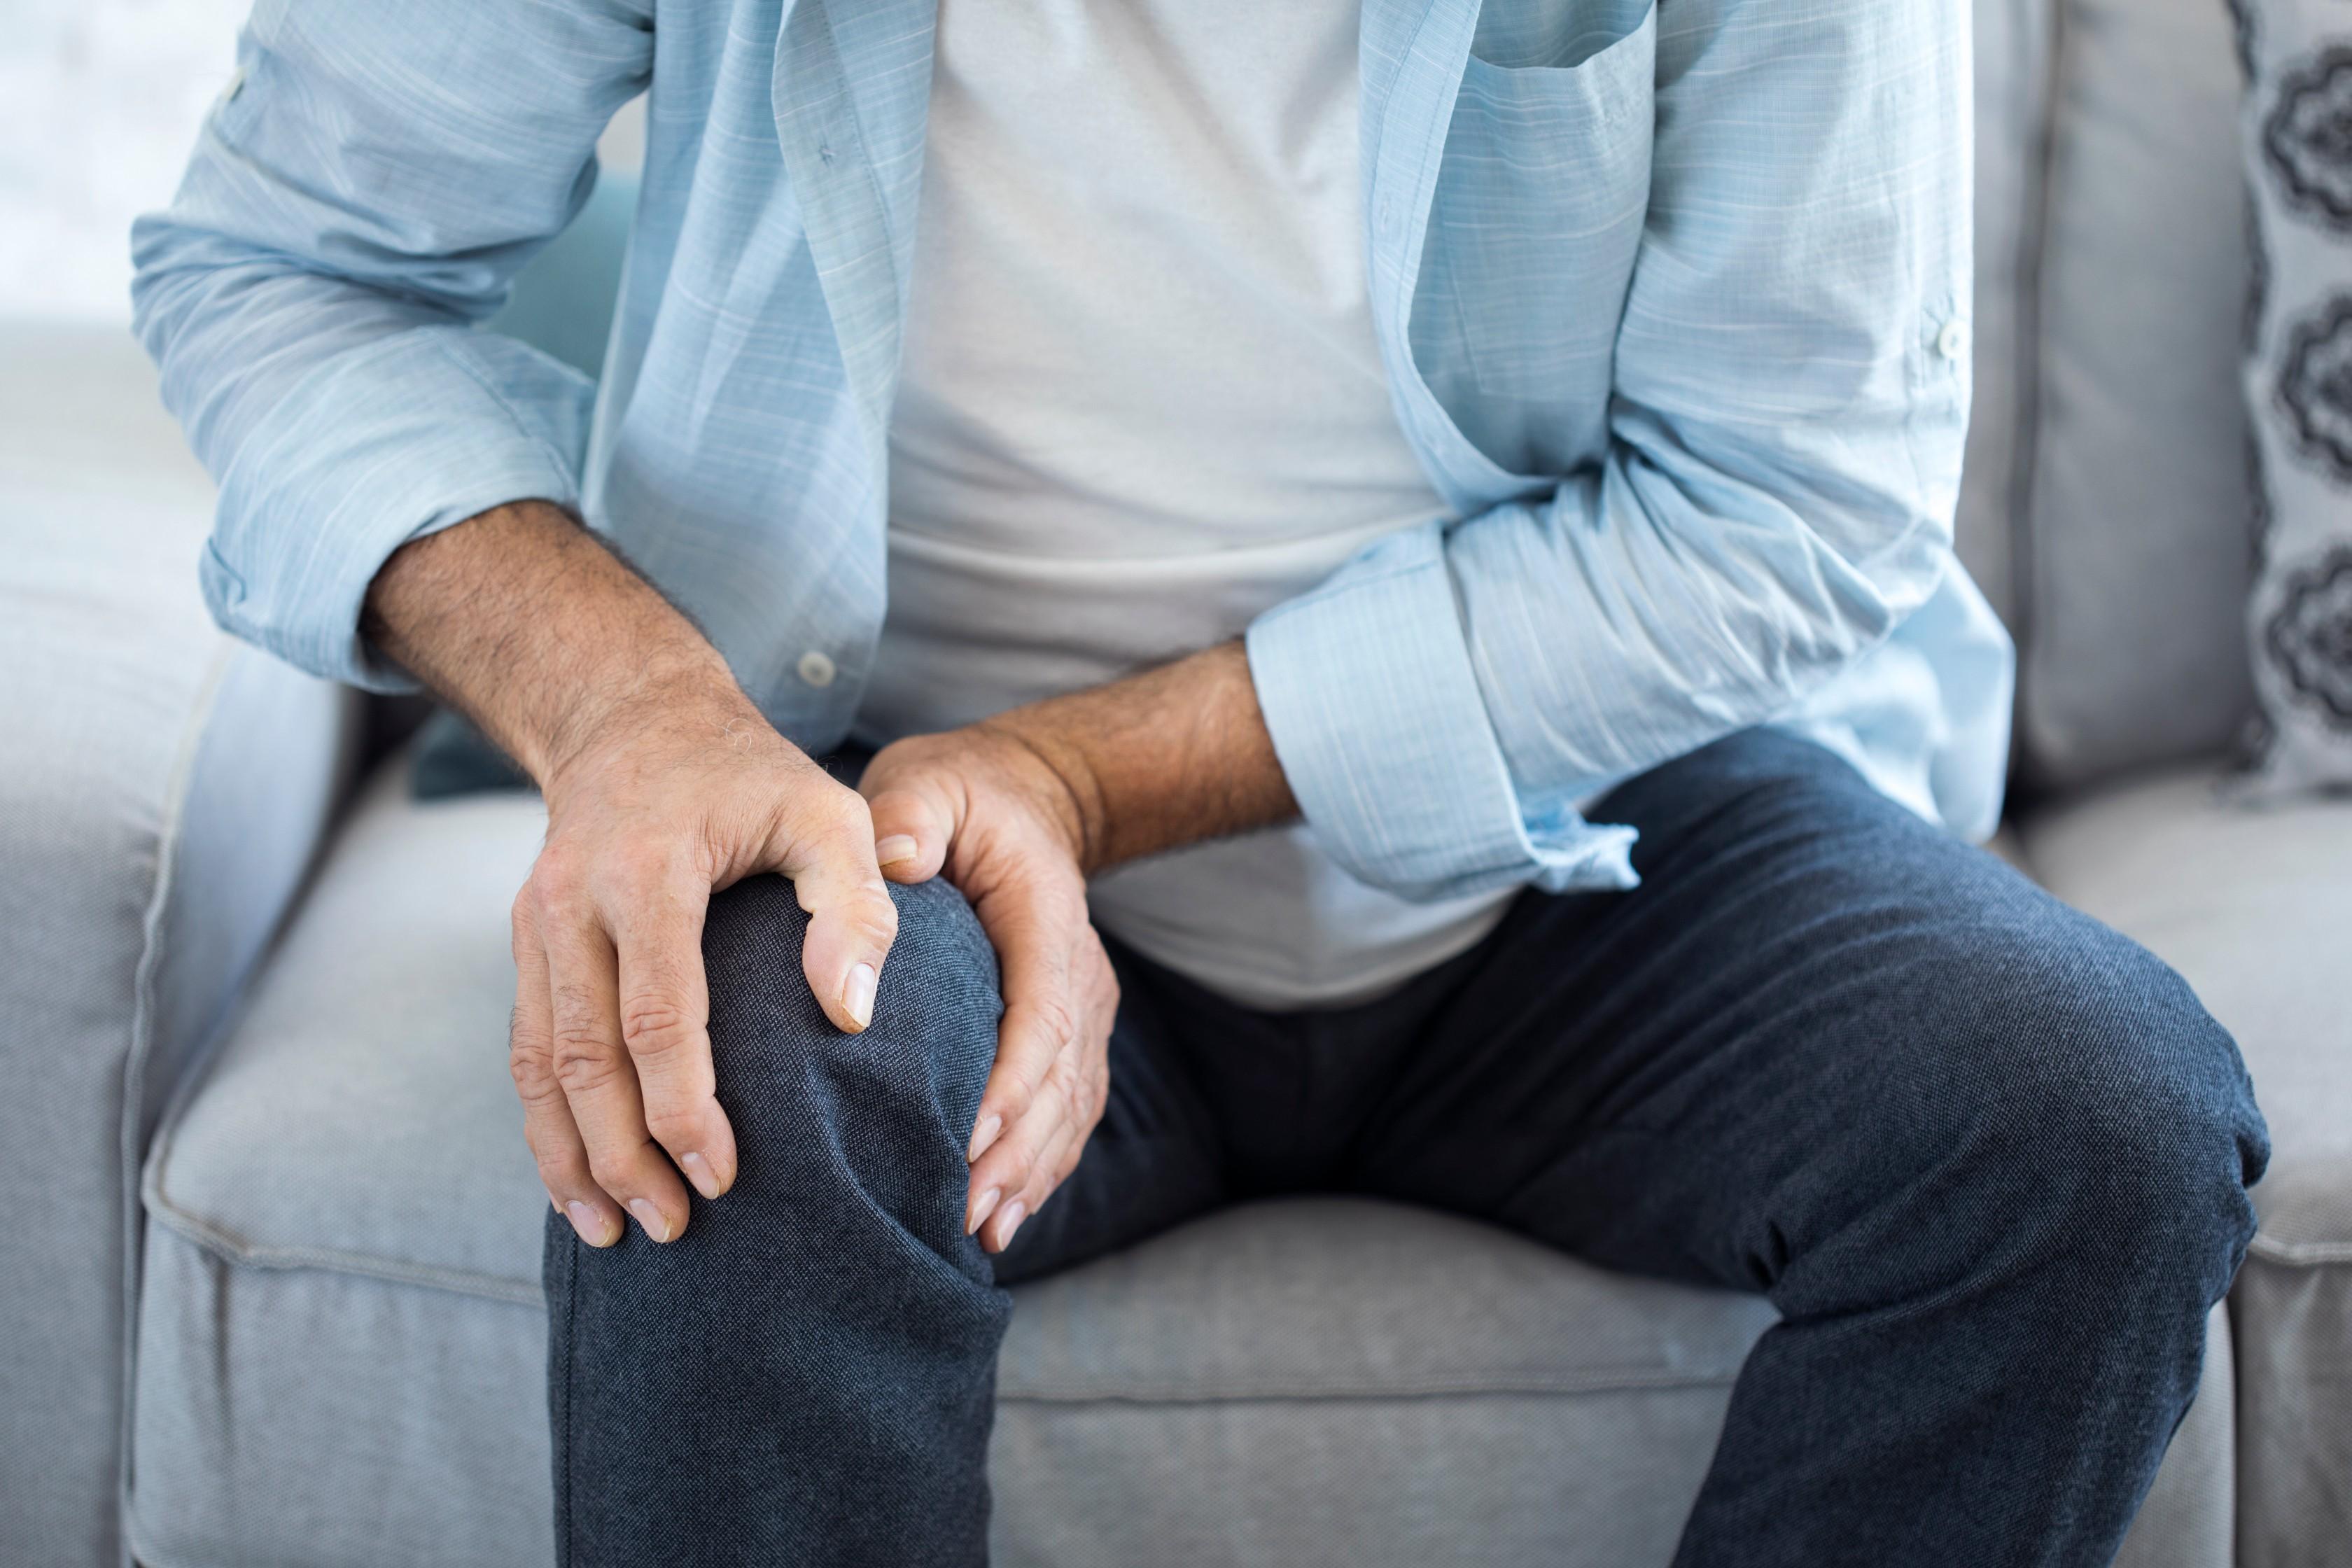 térdfájdalom a sípcsontban a láb kicsi ízületeinek ízületi gyulladás kezelése